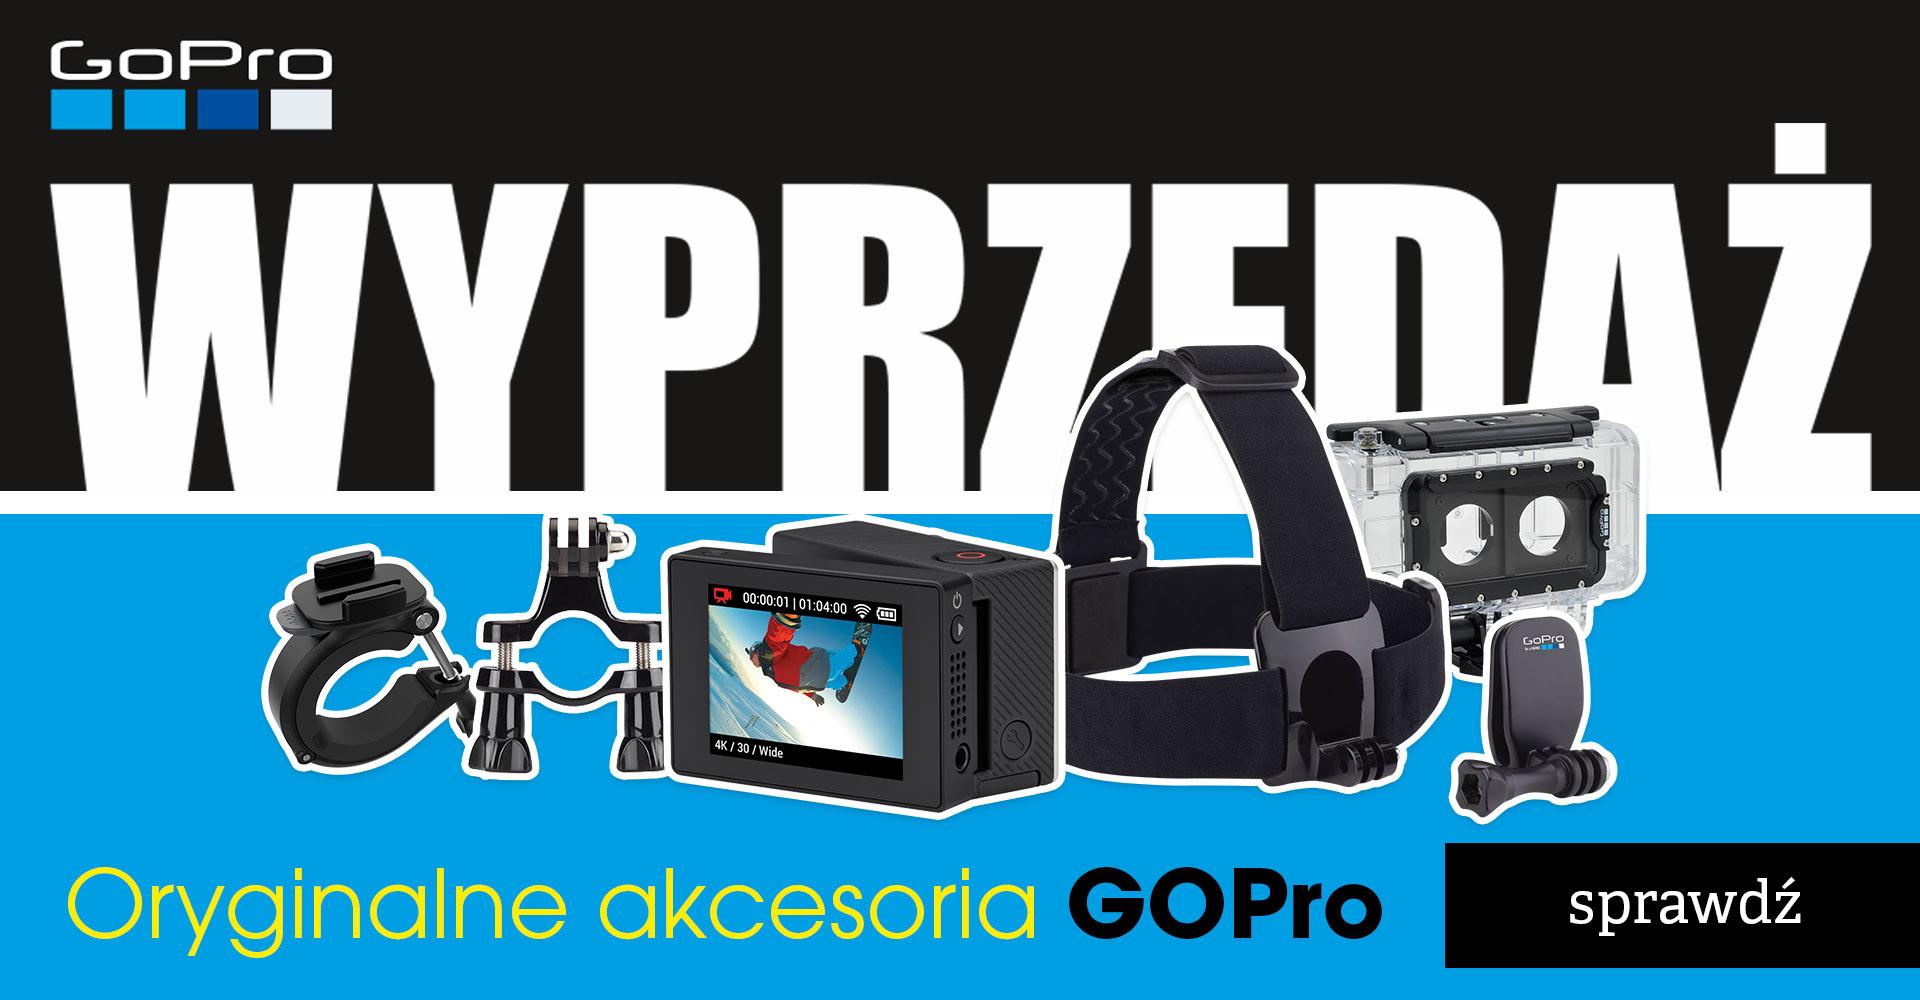 Akcesoria GoPro m.in. Bag Of Mounts z 99zł na 39zł